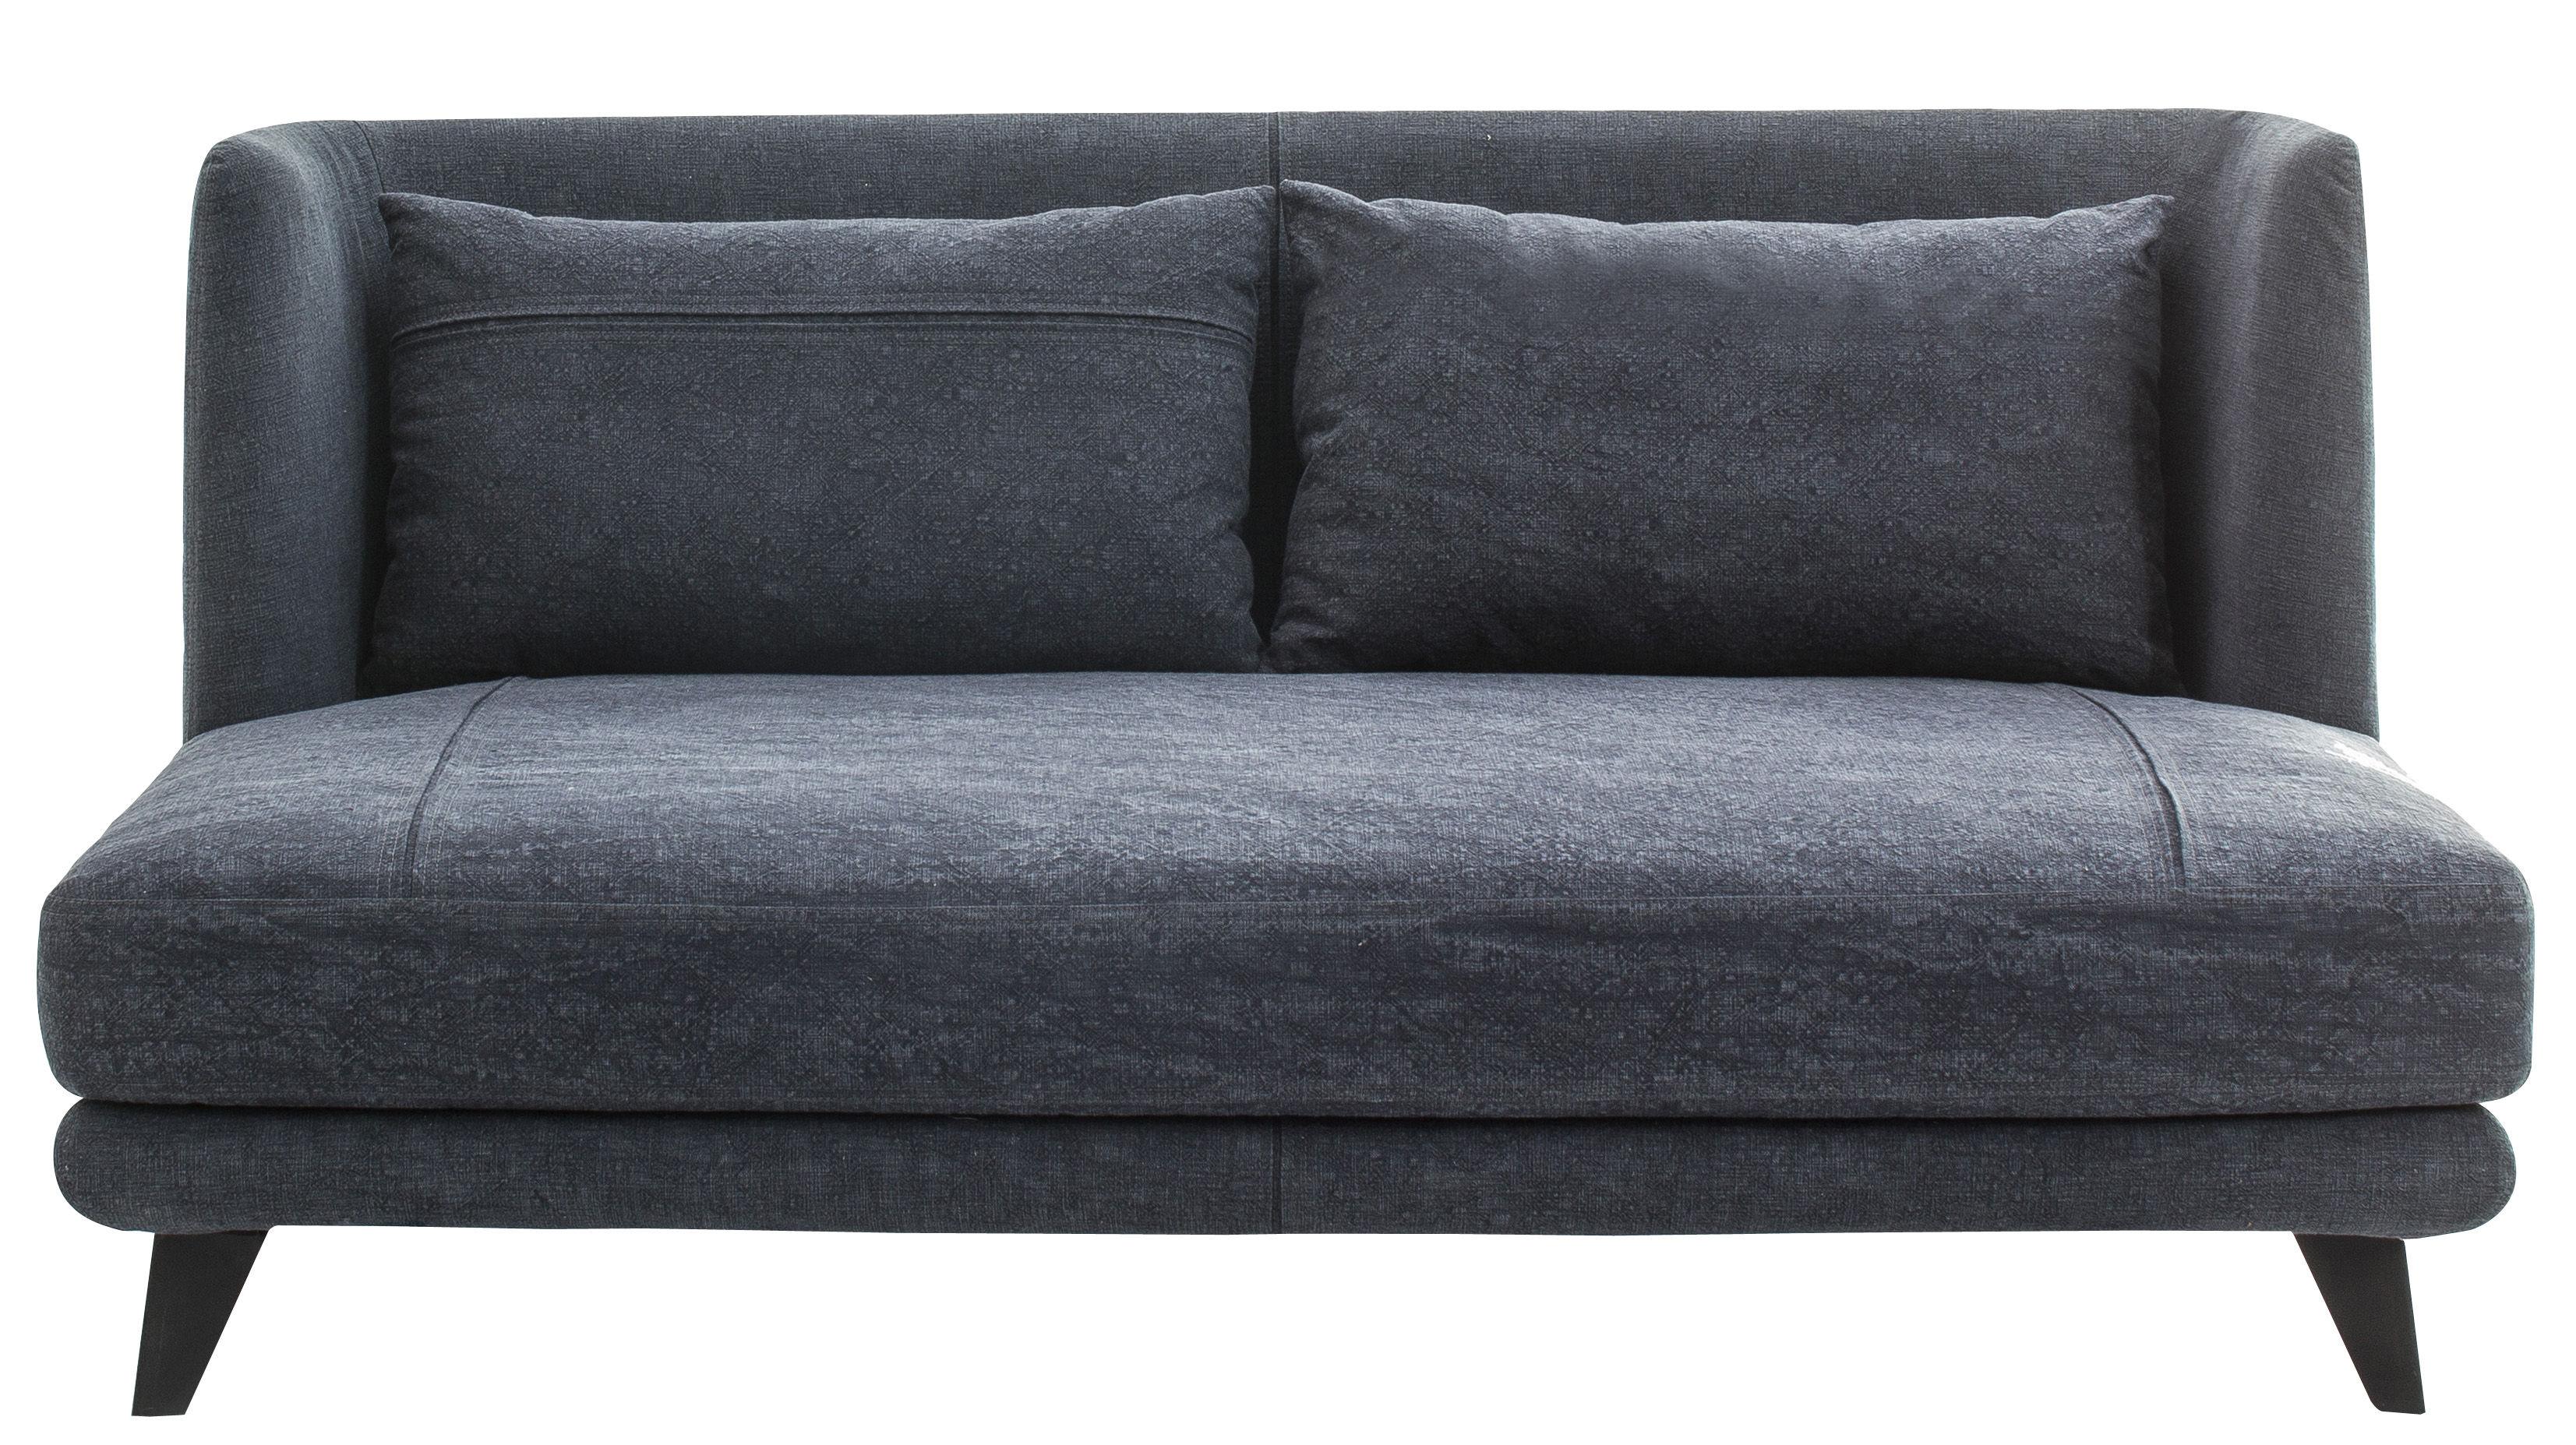 Mobilier - Canapés - Canapé droit Gimme More / L 160 cm - 2 places - Diesel with Moroso - Bleu jean foncé - Acier, Mousse, Tissu